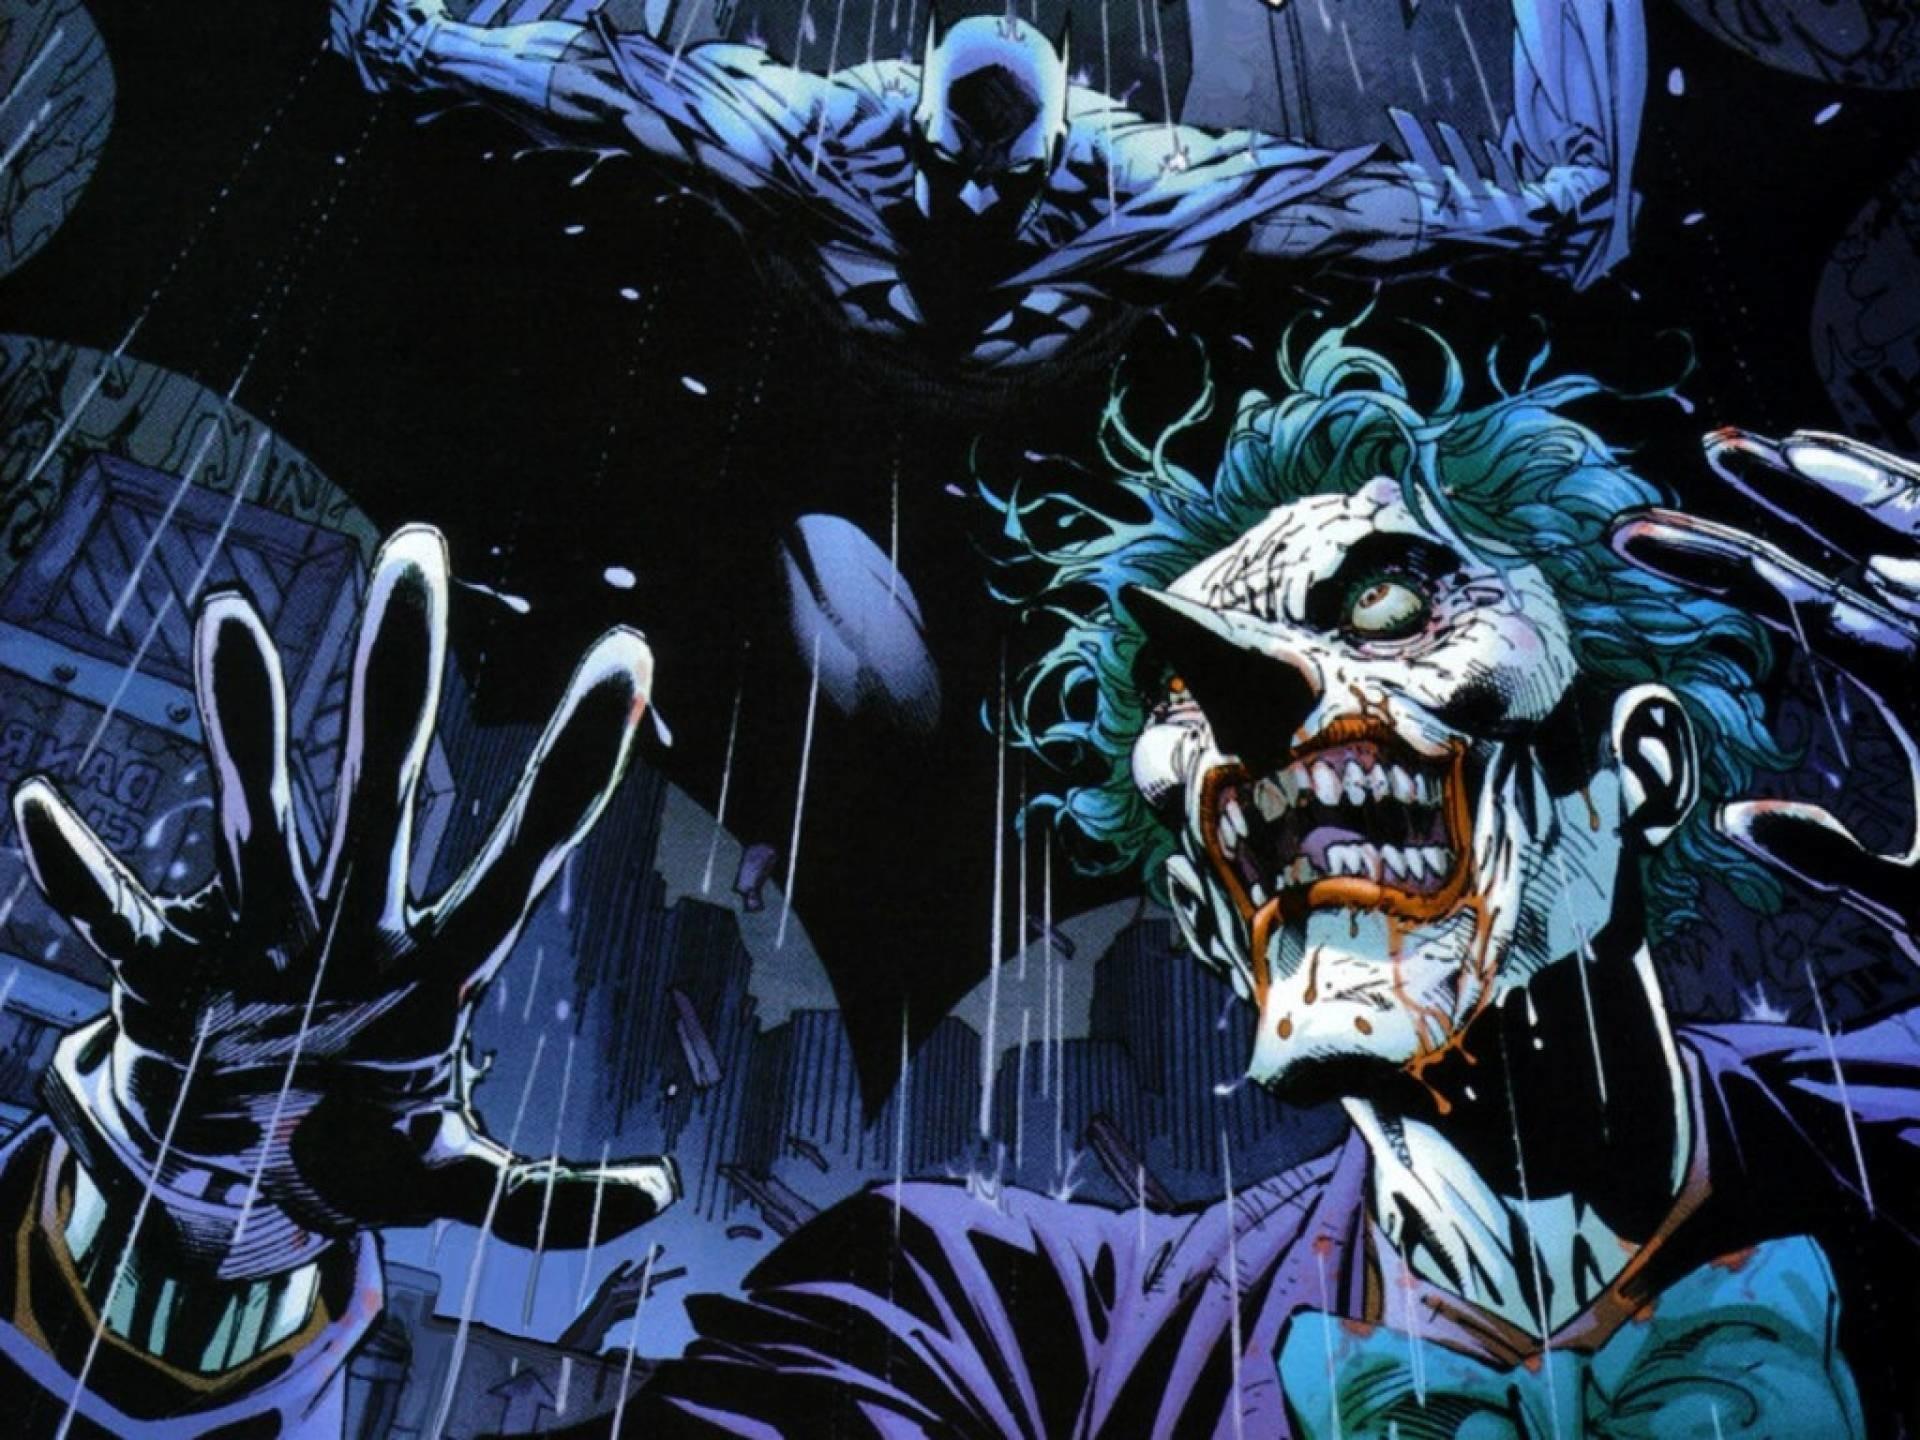 Marvelous The Joker Comic Wallpaper Hd for Imac 1920x1440PX .